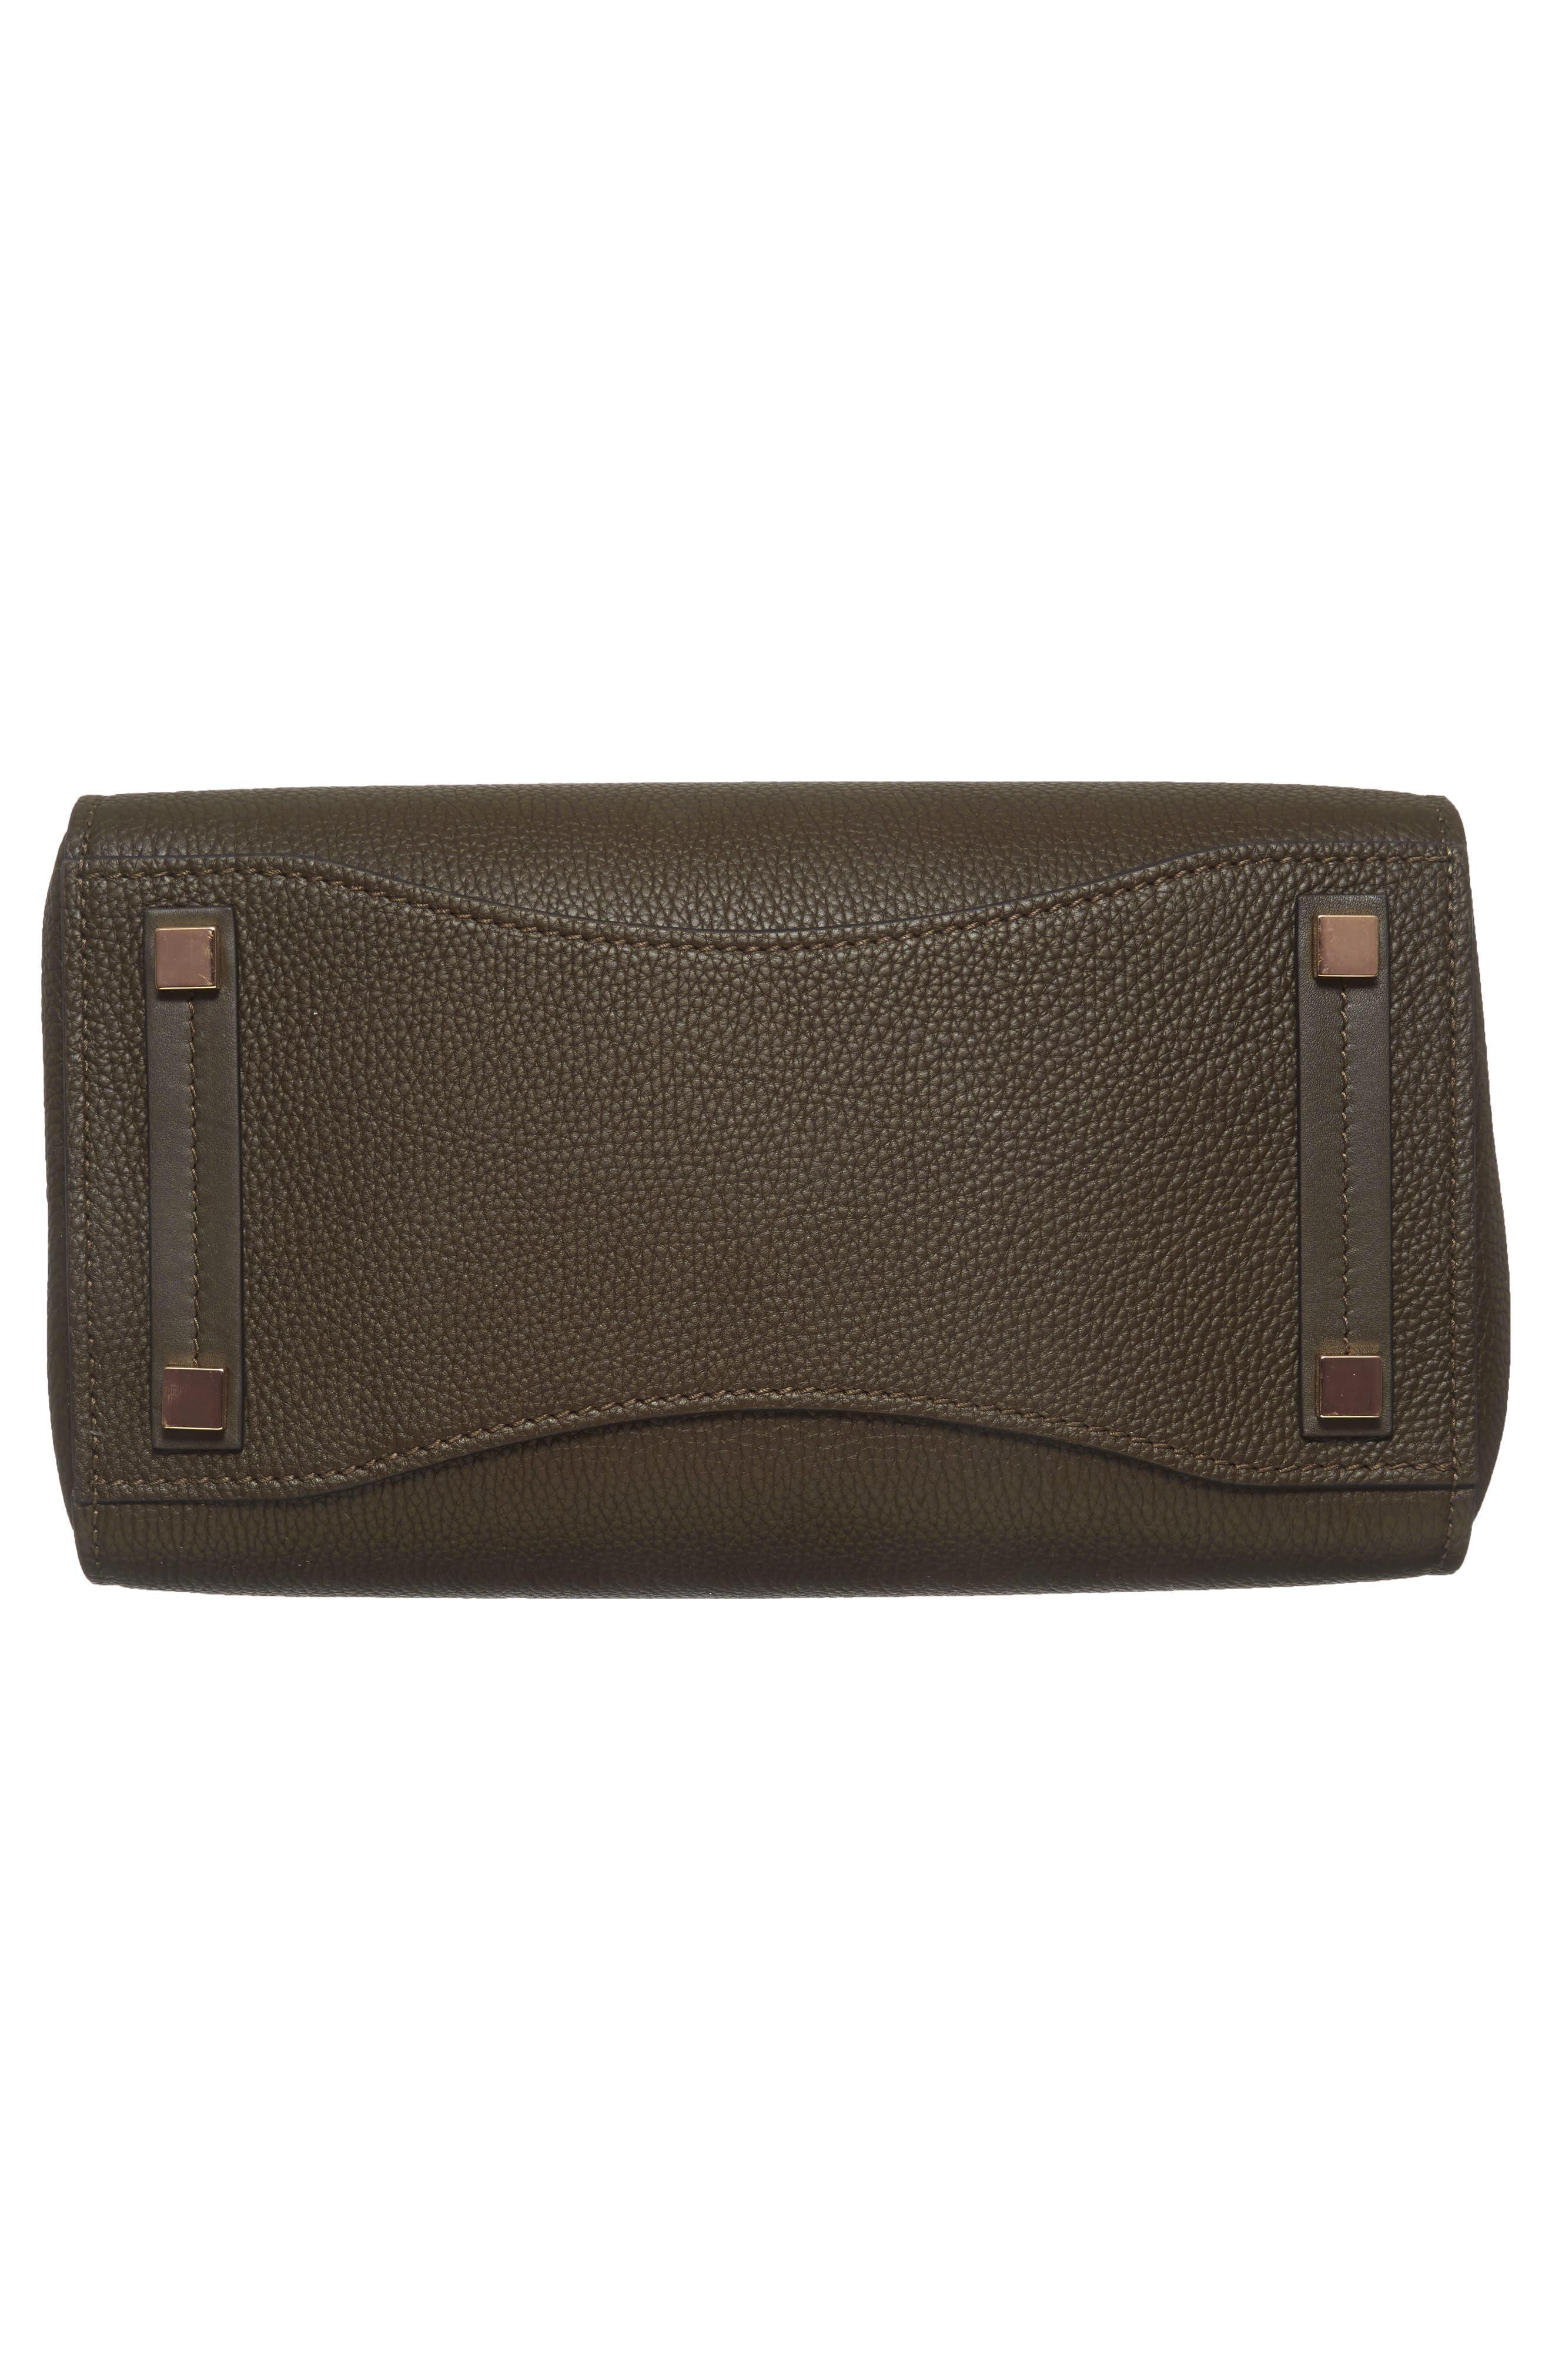 Large Bancroft Leather Top Handle Satchel,                             Alternate thumbnail 18, color,